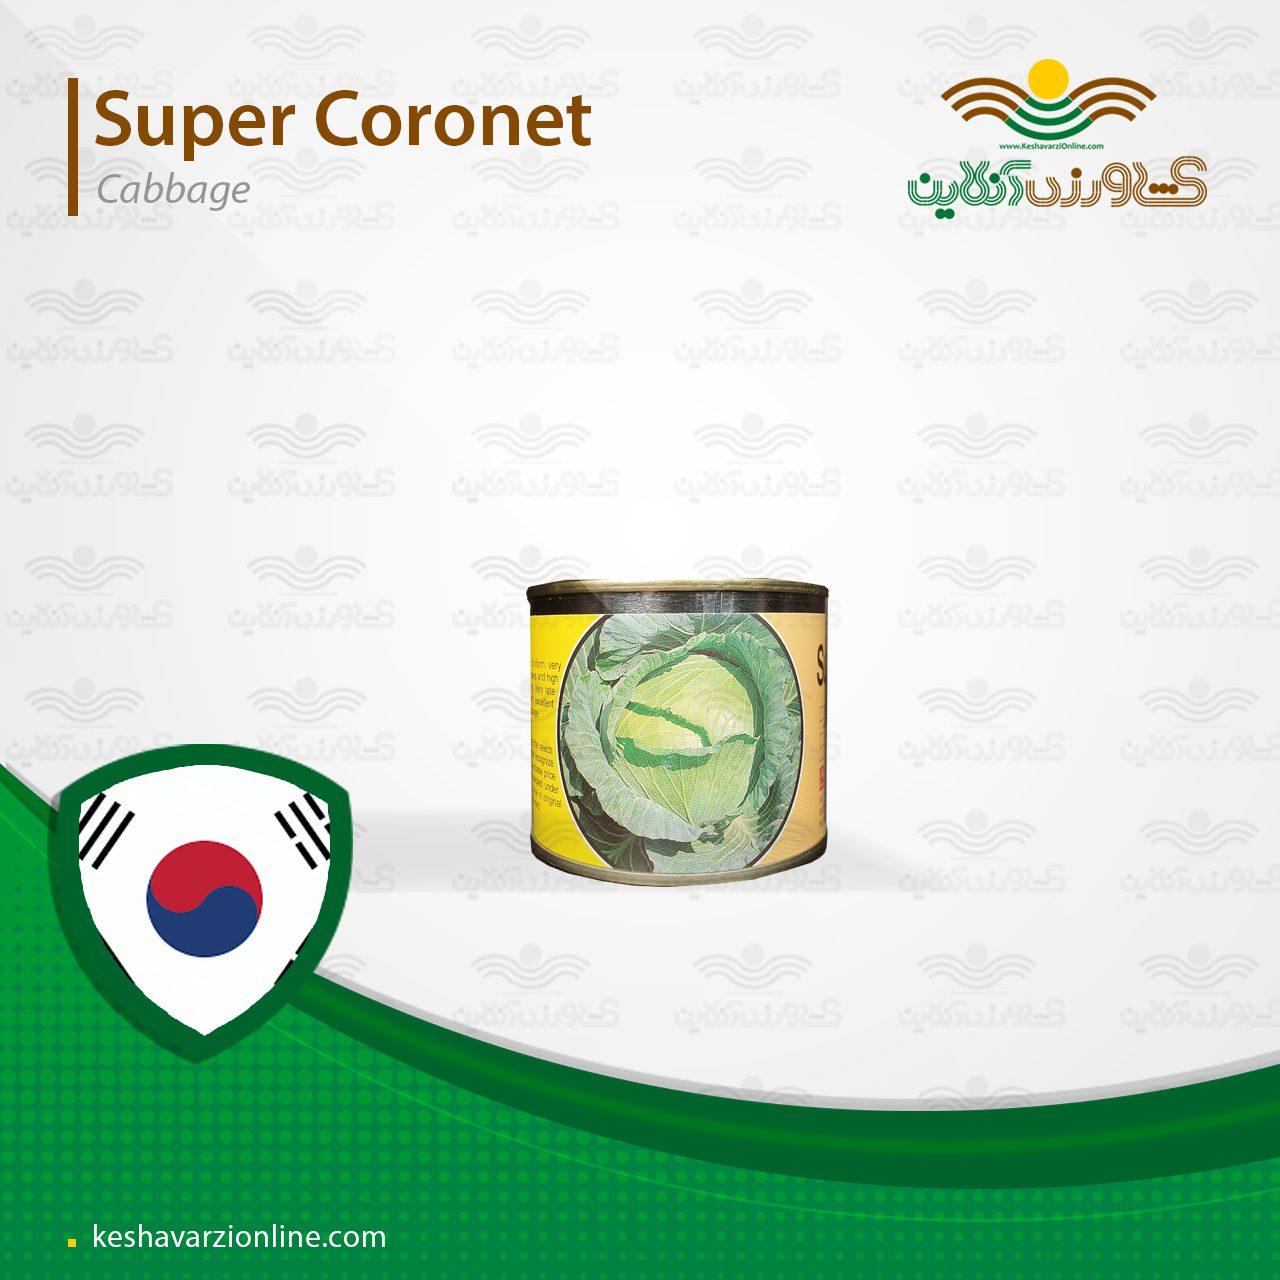 بذر کلم پیچ سوپر کرنت 100 گرمی کره جنوبی